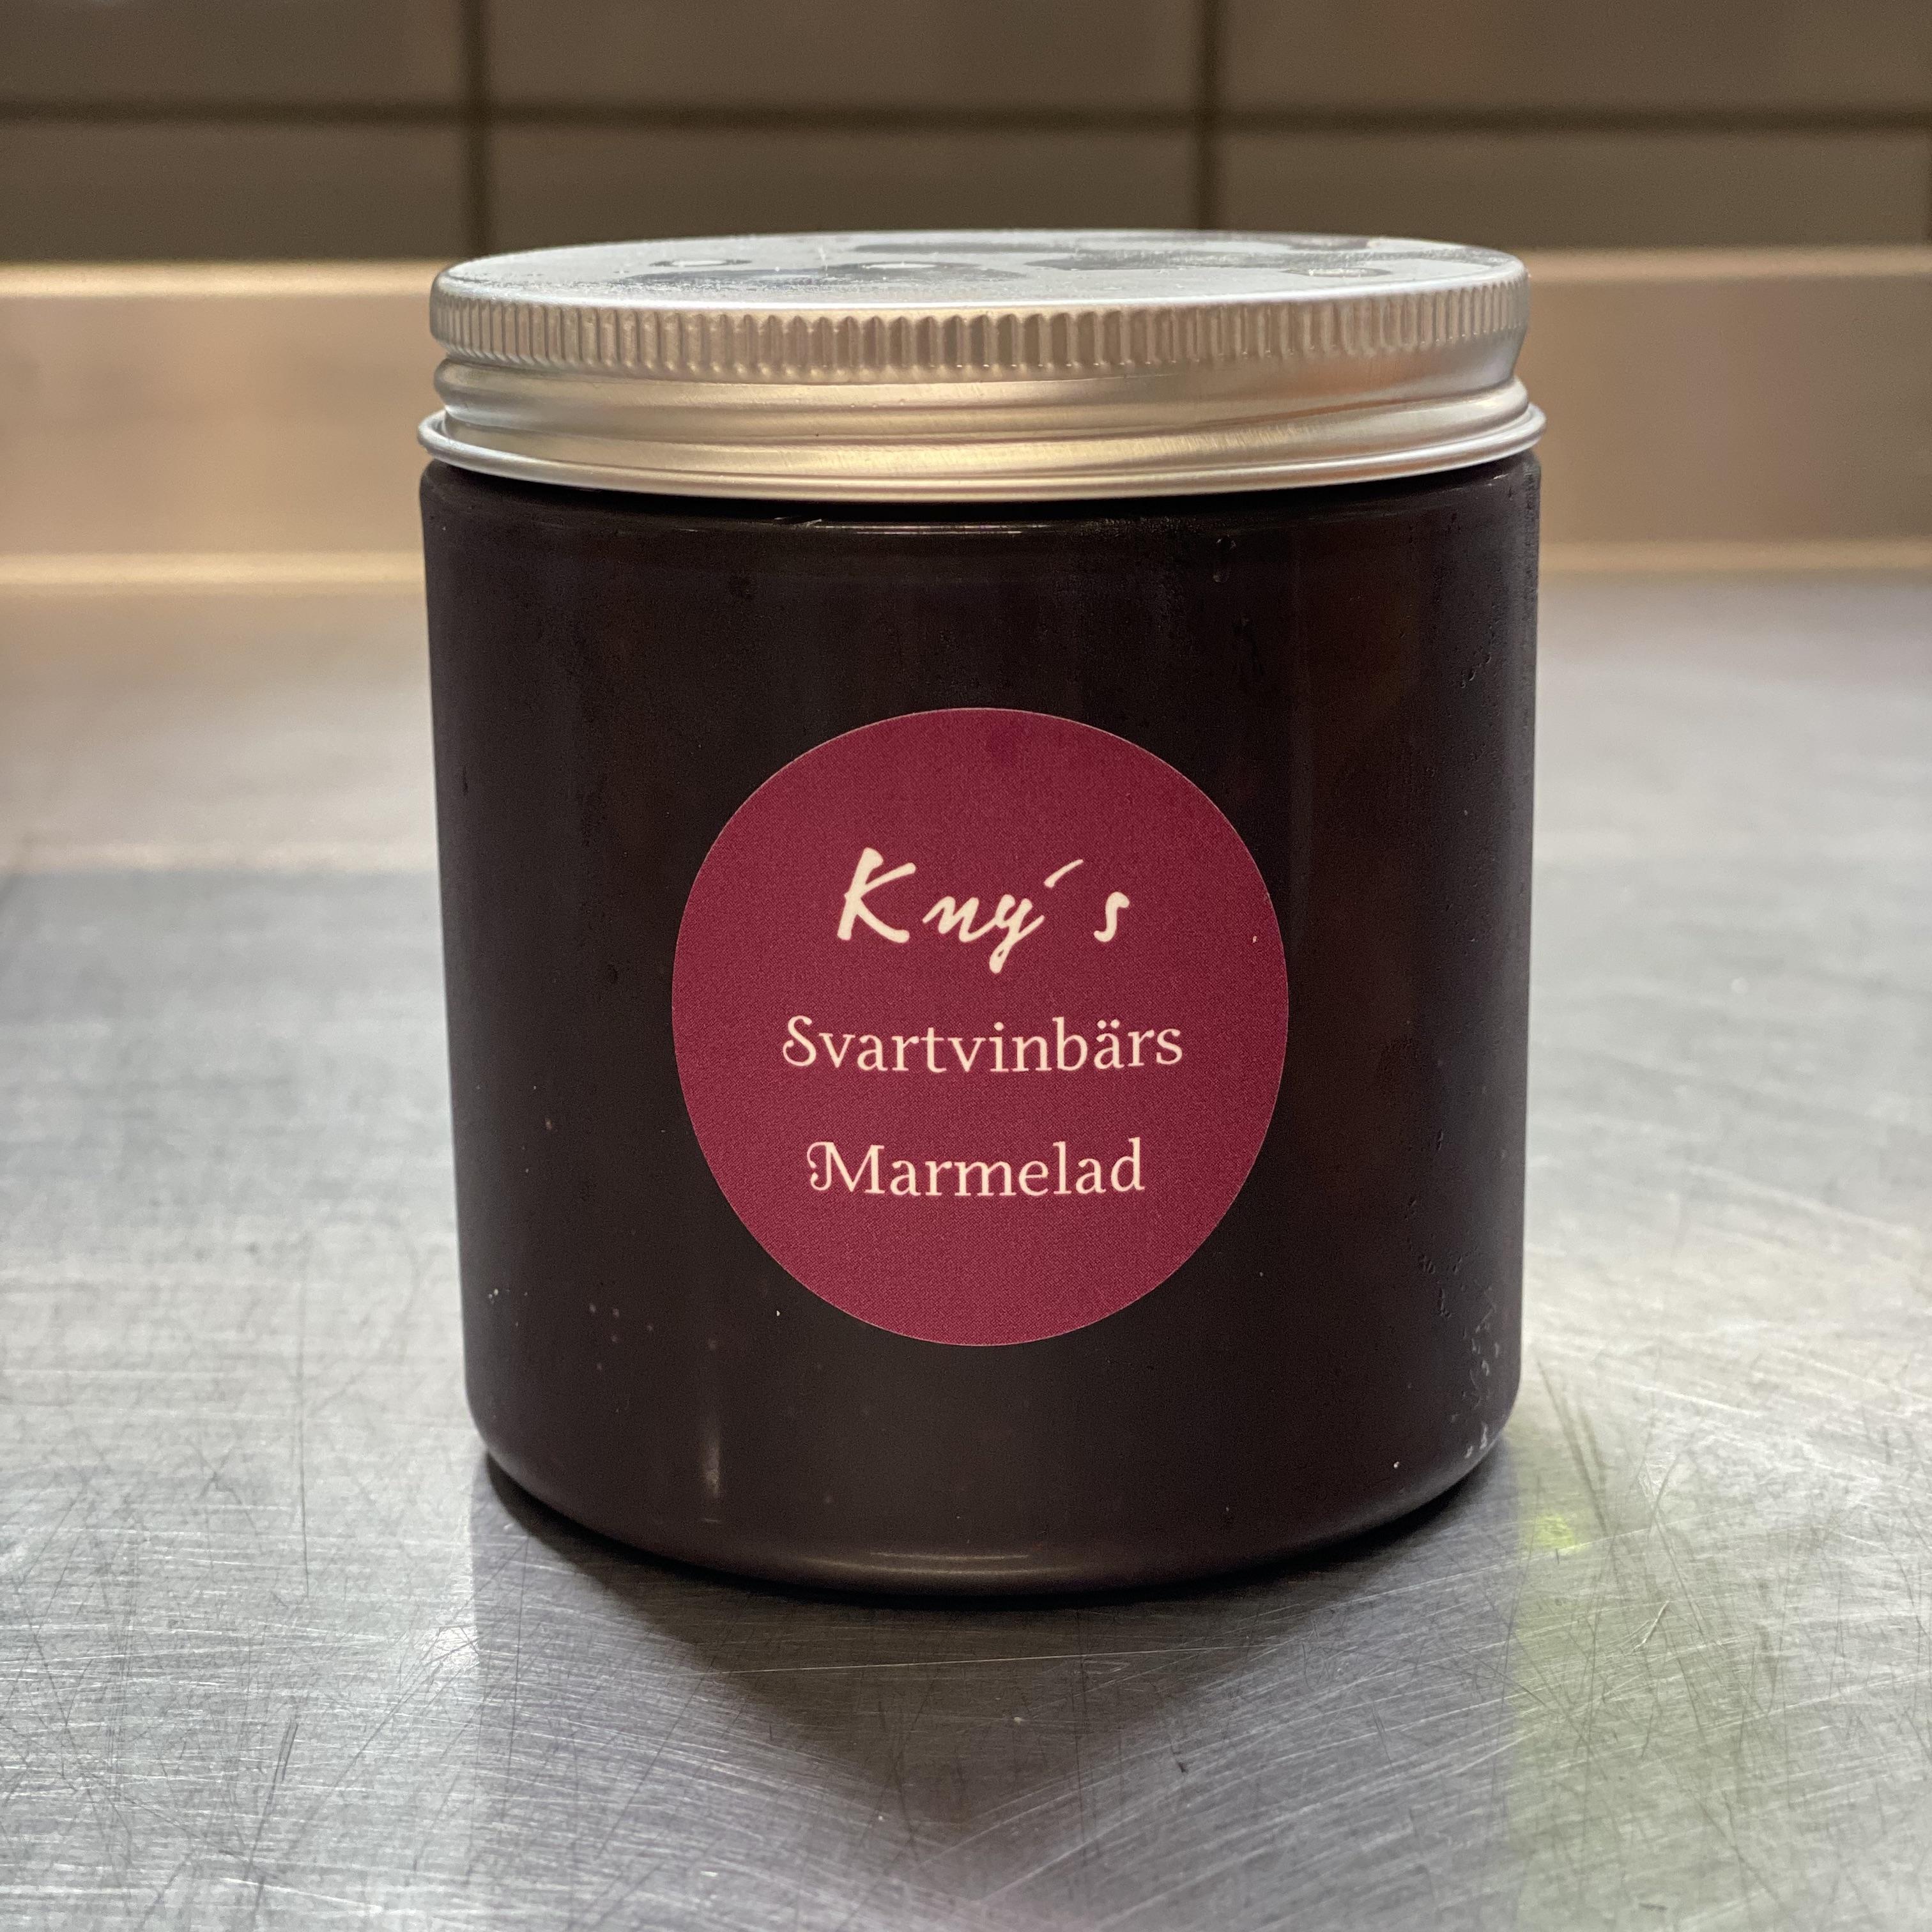 Kny Svartvinbärs Marmelad